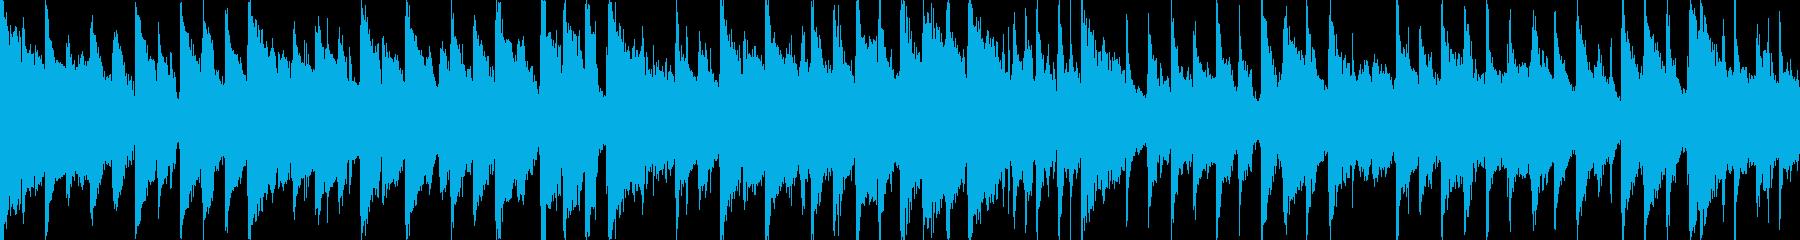 ピアノ、グロッケンシュピール、アコ...の再生済みの波形